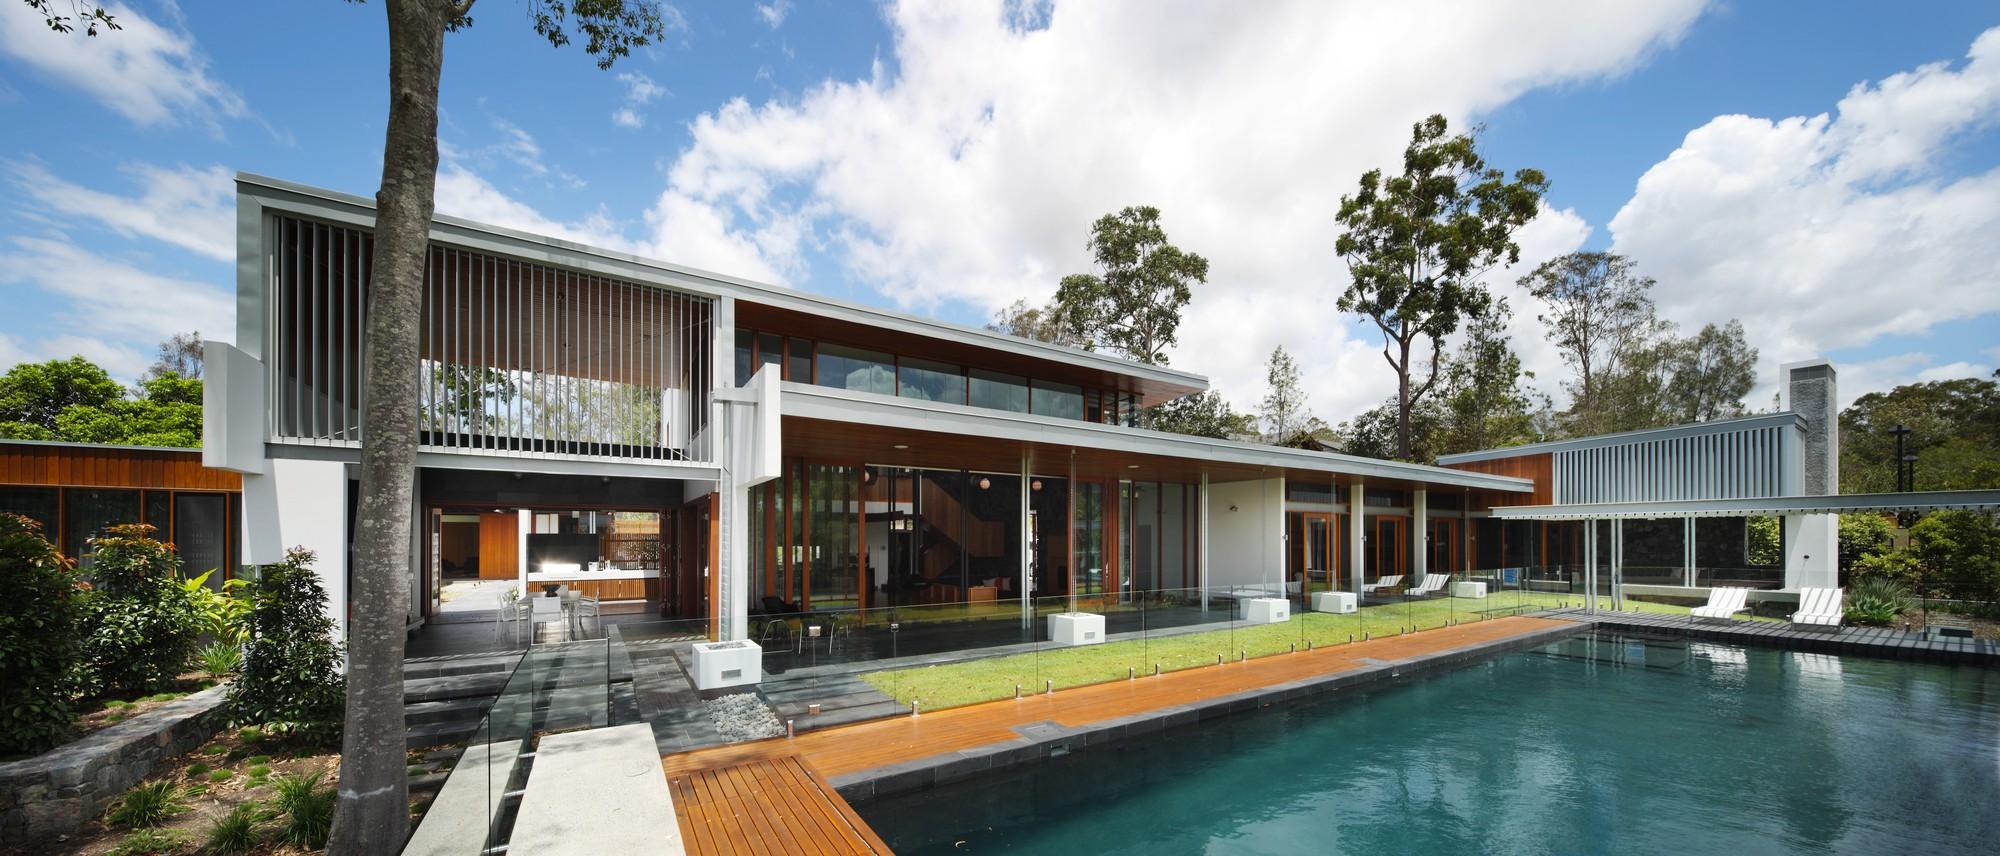 1970s Contemporary Home Interior Designs